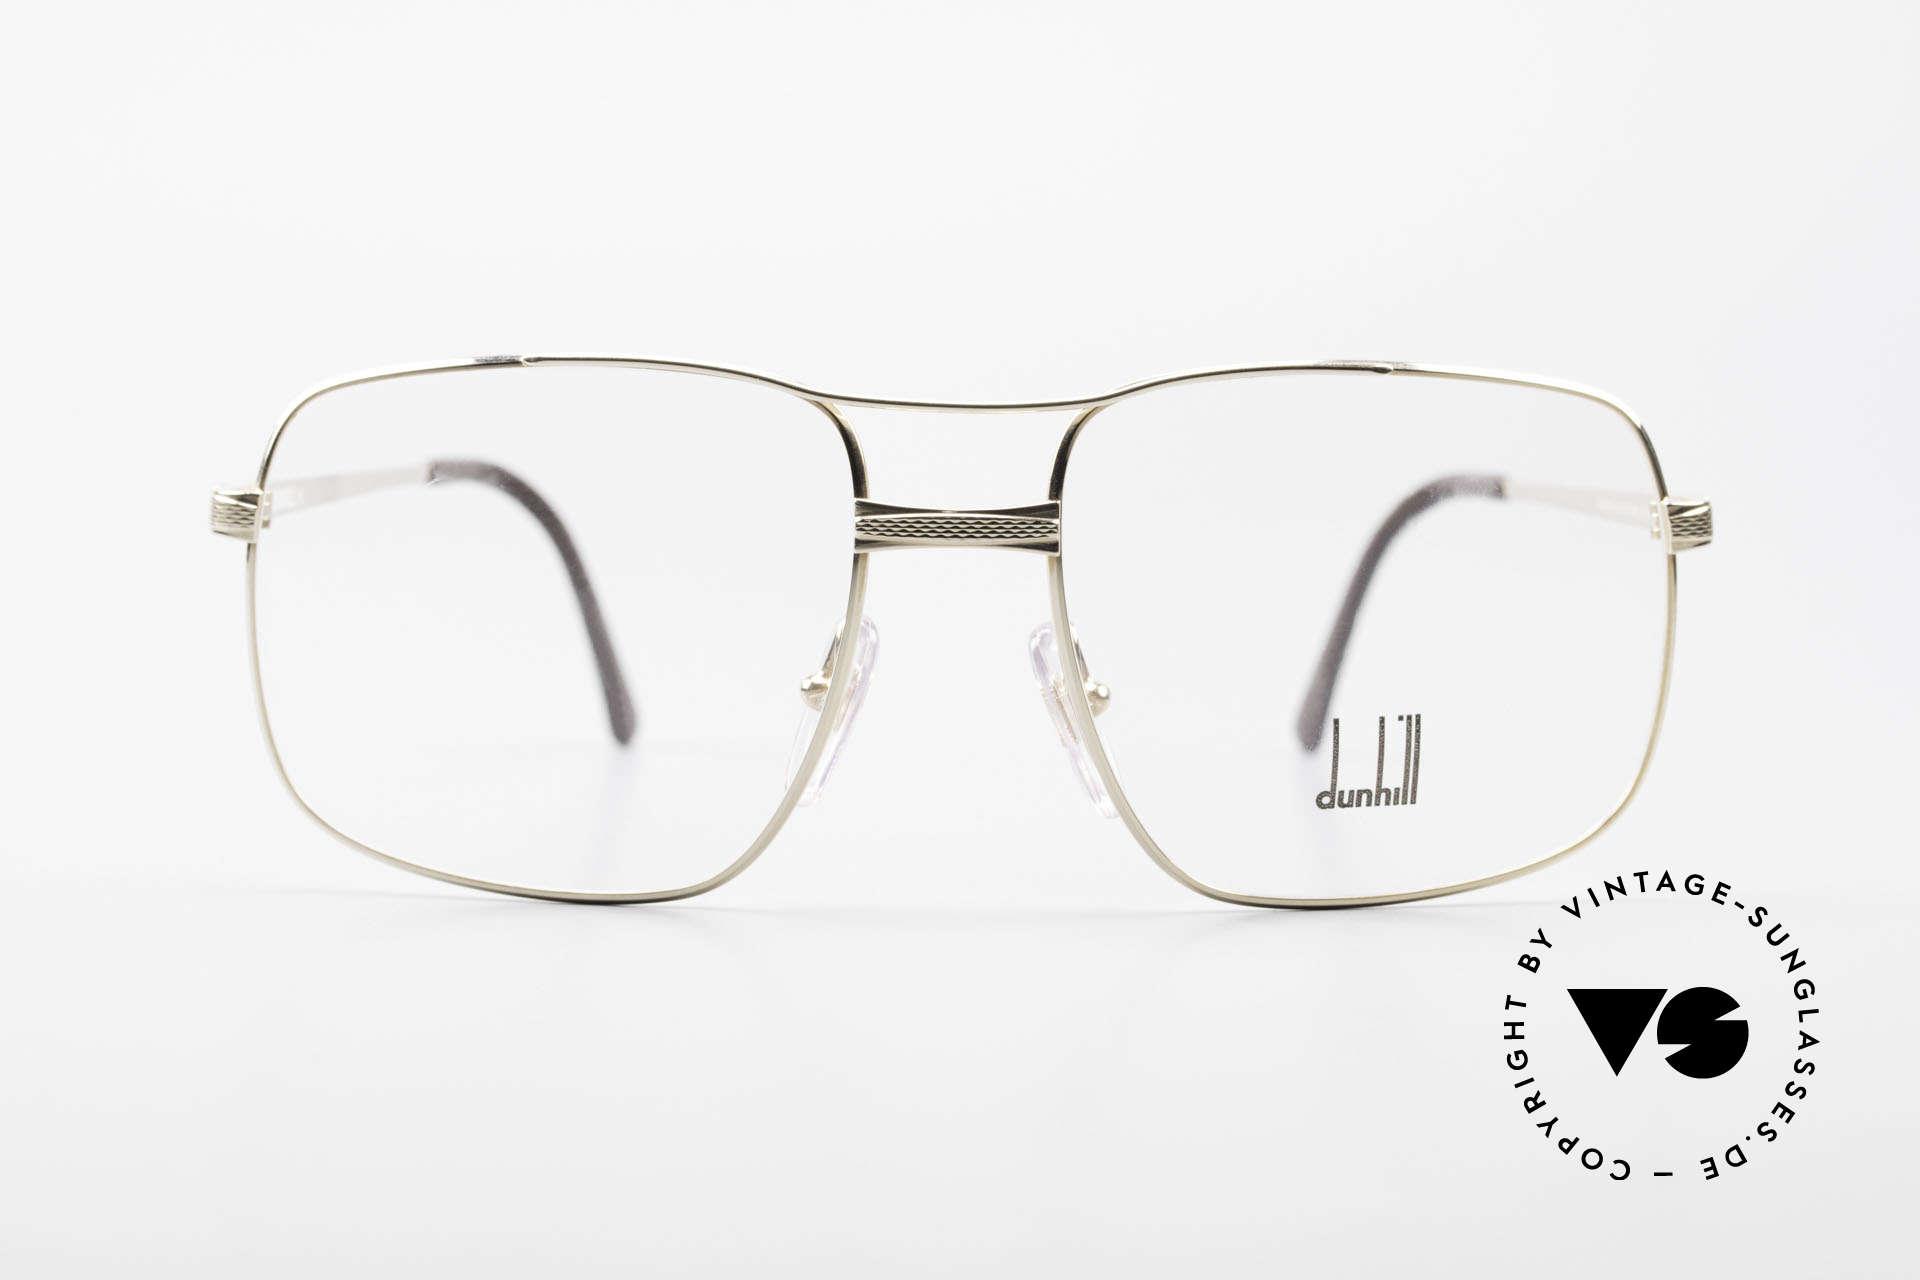 Dunhill 6048 Vergoldete 80er Brille Herren, dieses Modell kombiniert alle Qualitätsmerkmale, Passend für Herren